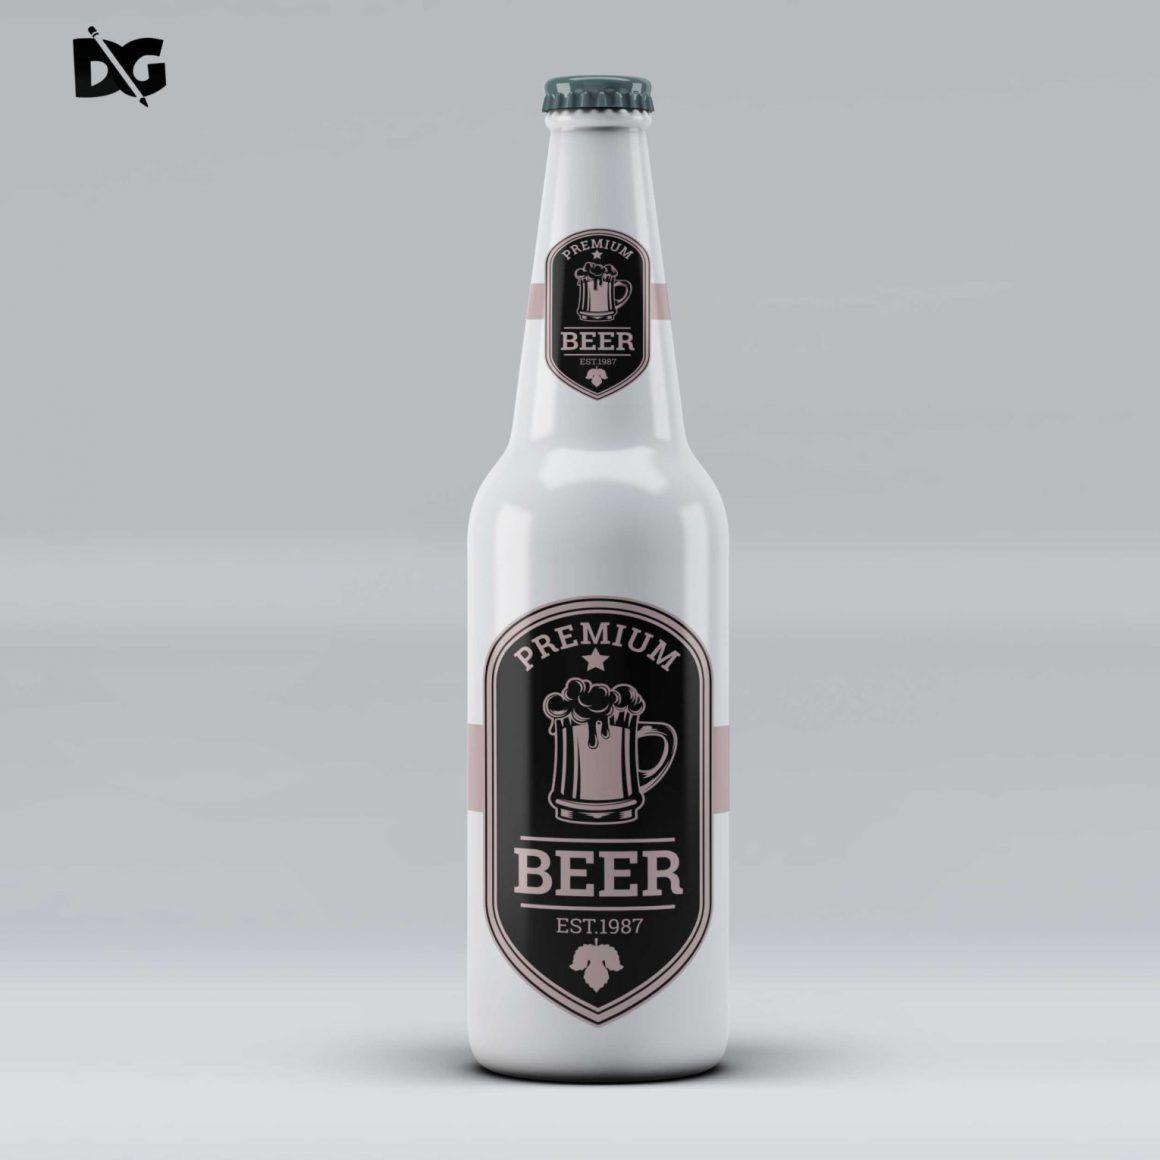 Beer Bottle Label Mockup  Beer and Glass Mockup Photoshop Beer Bottles  Photoshop Beer Label Set Beer Bottles Mockup